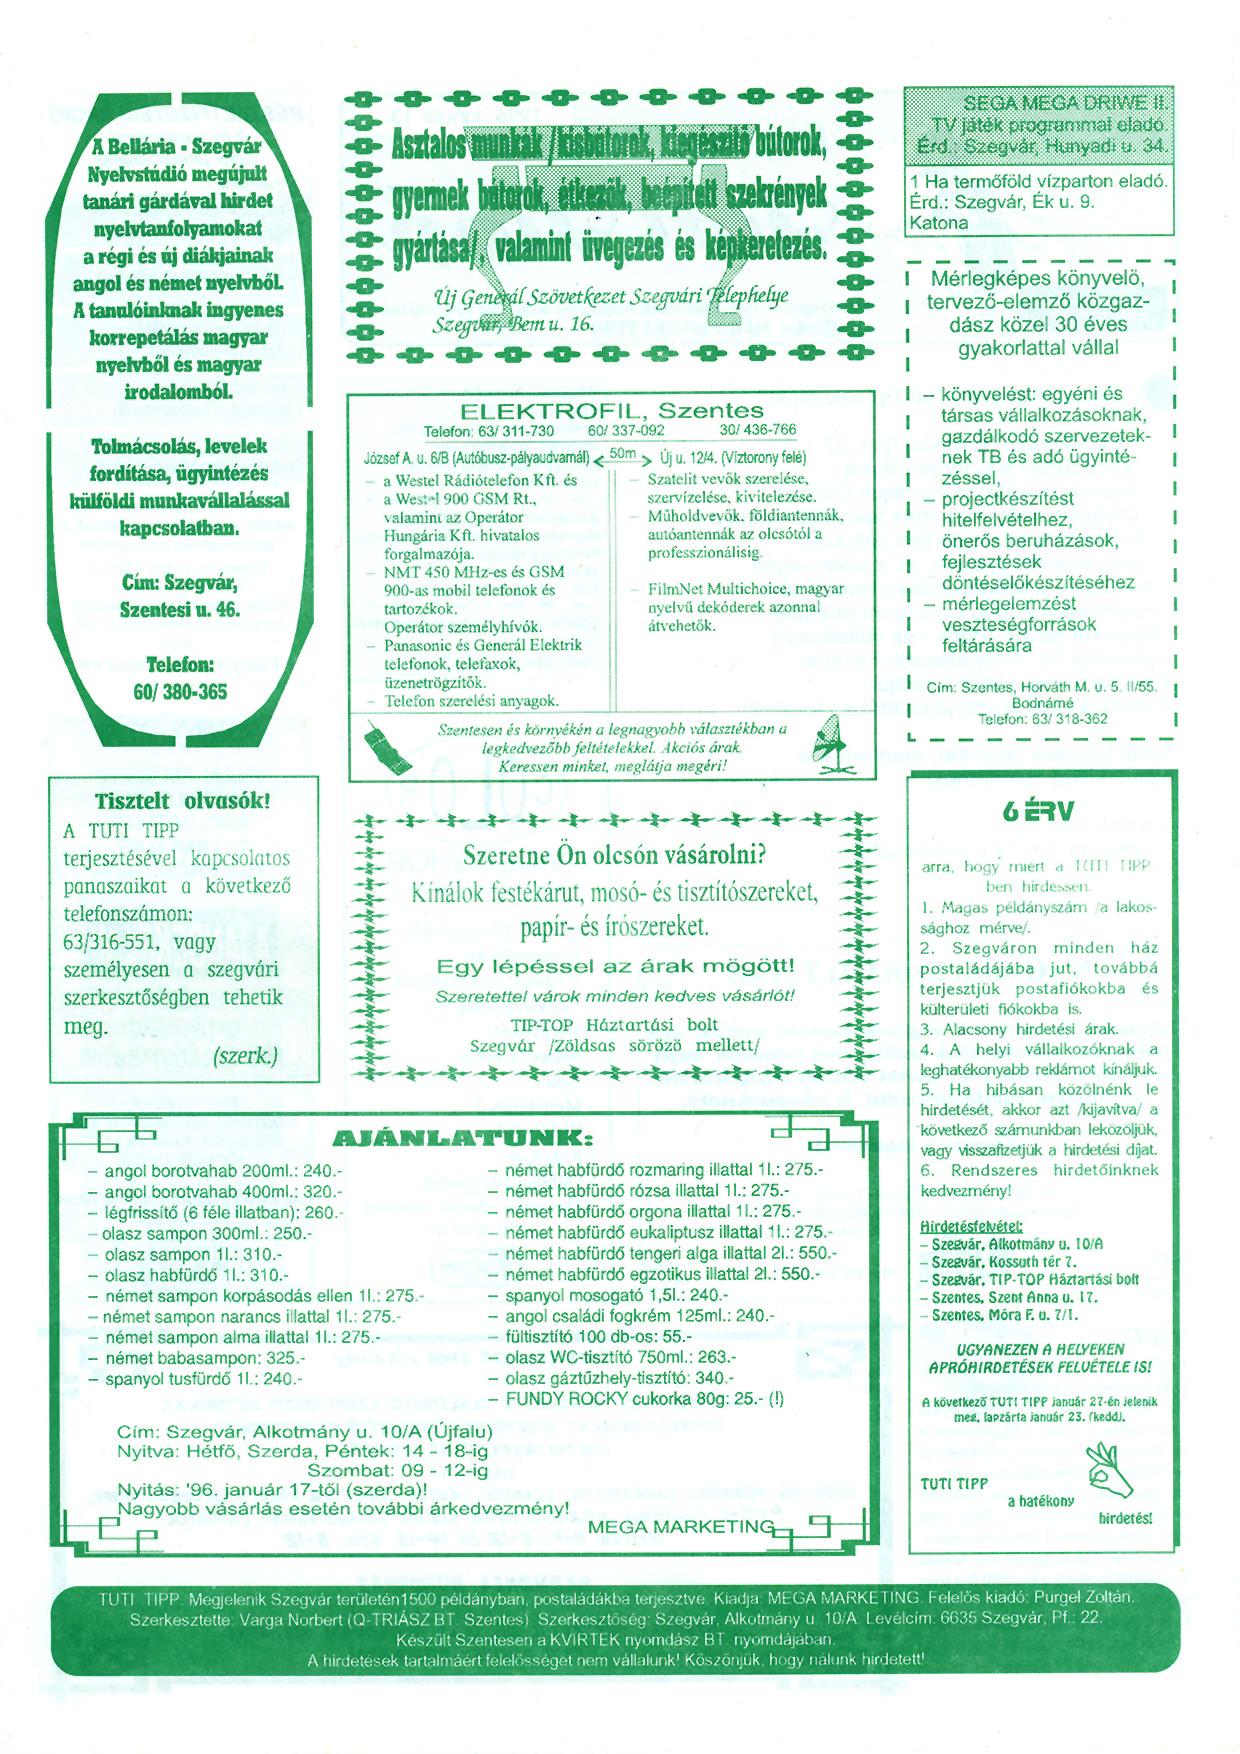 002 Szegvári Tuti Tipp reklámújság - 19960113-013. lapszám - 2.oldal - II. évfolyam.jpg